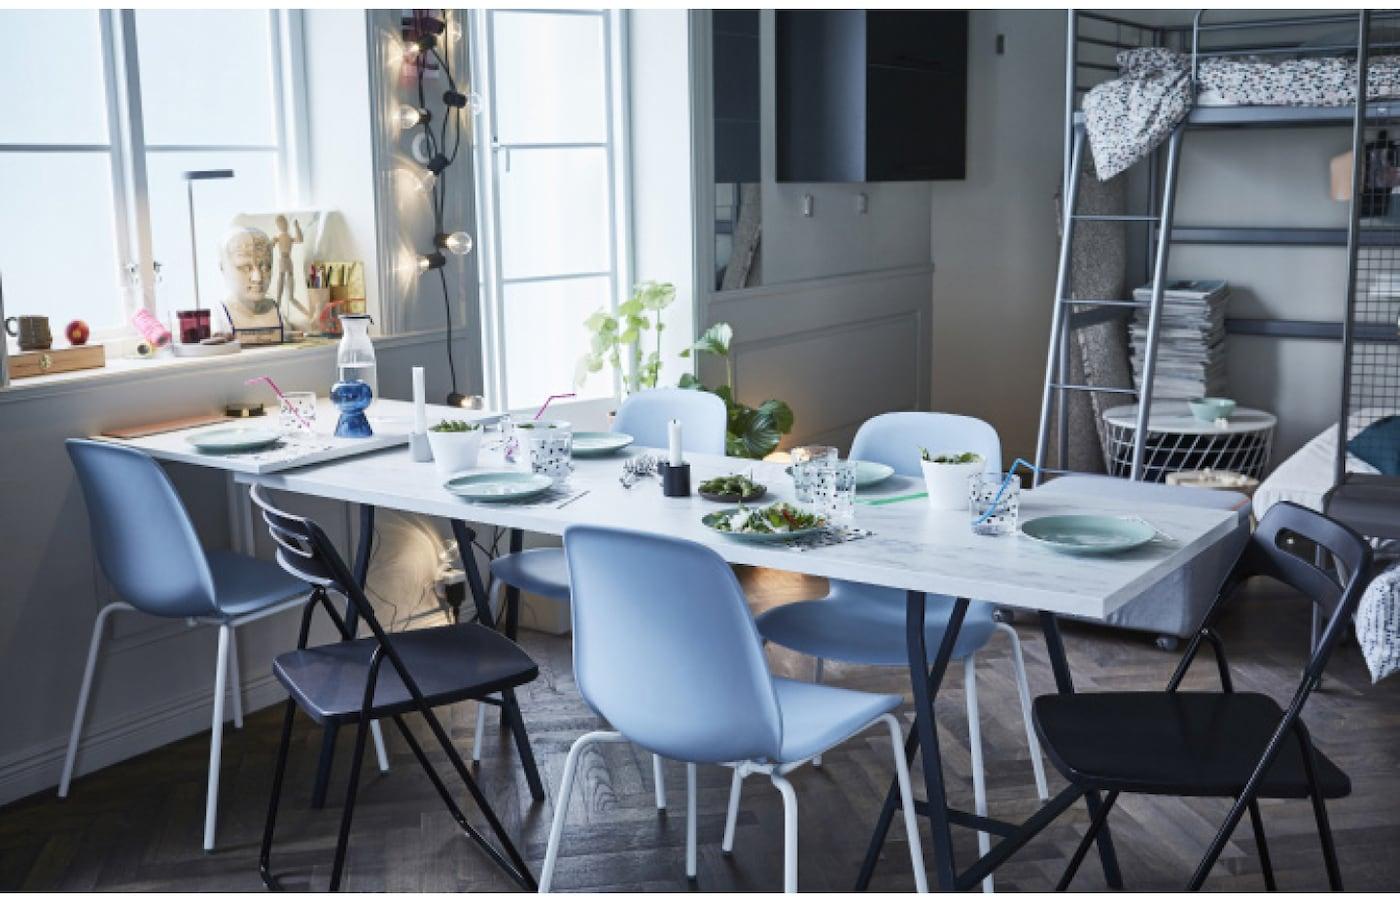 kleine r ume optimal nutzen g ste willkommen ikea. Black Bedroom Furniture Sets. Home Design Ideas